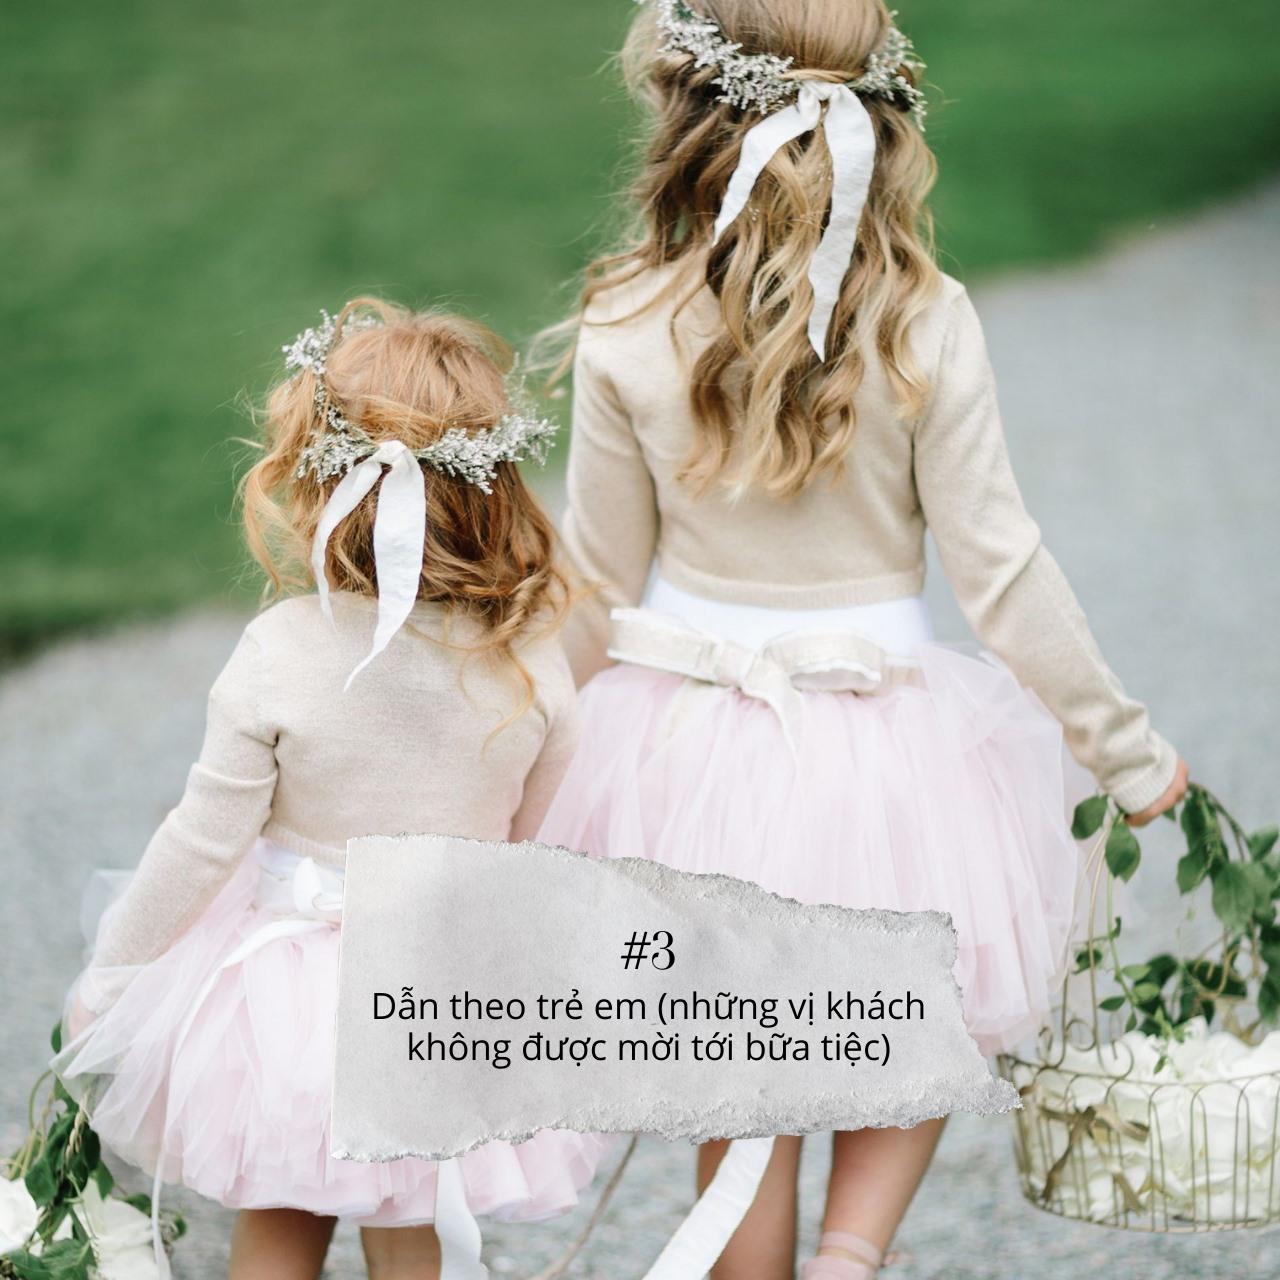 những điểu cần tránh khi đi dự đám cưới